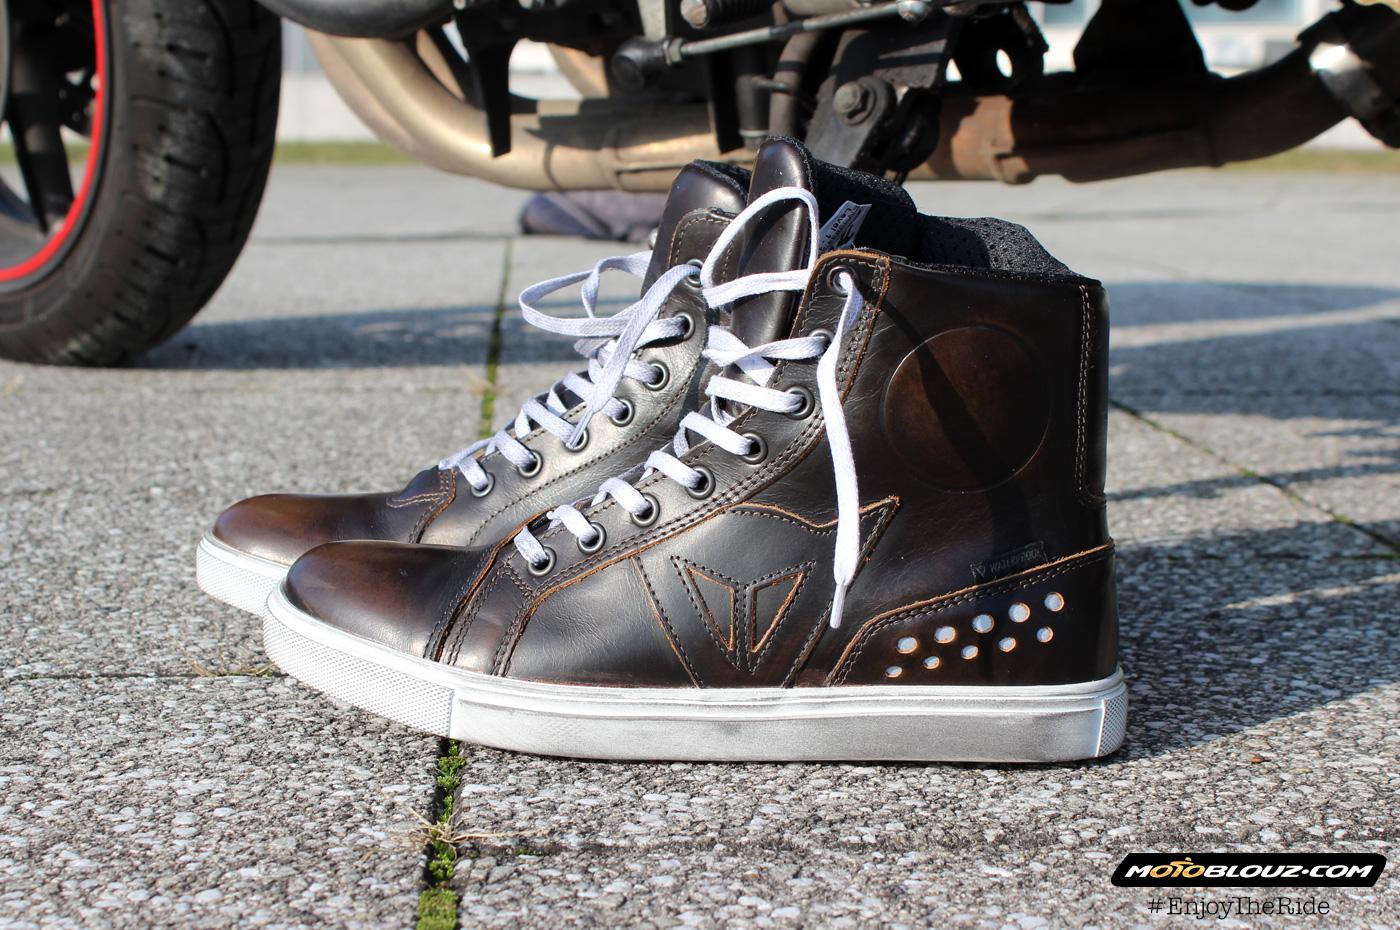 Las zapatillas Dainese Street Rocker son realmente cómodas: ¡como unas pantuflas!